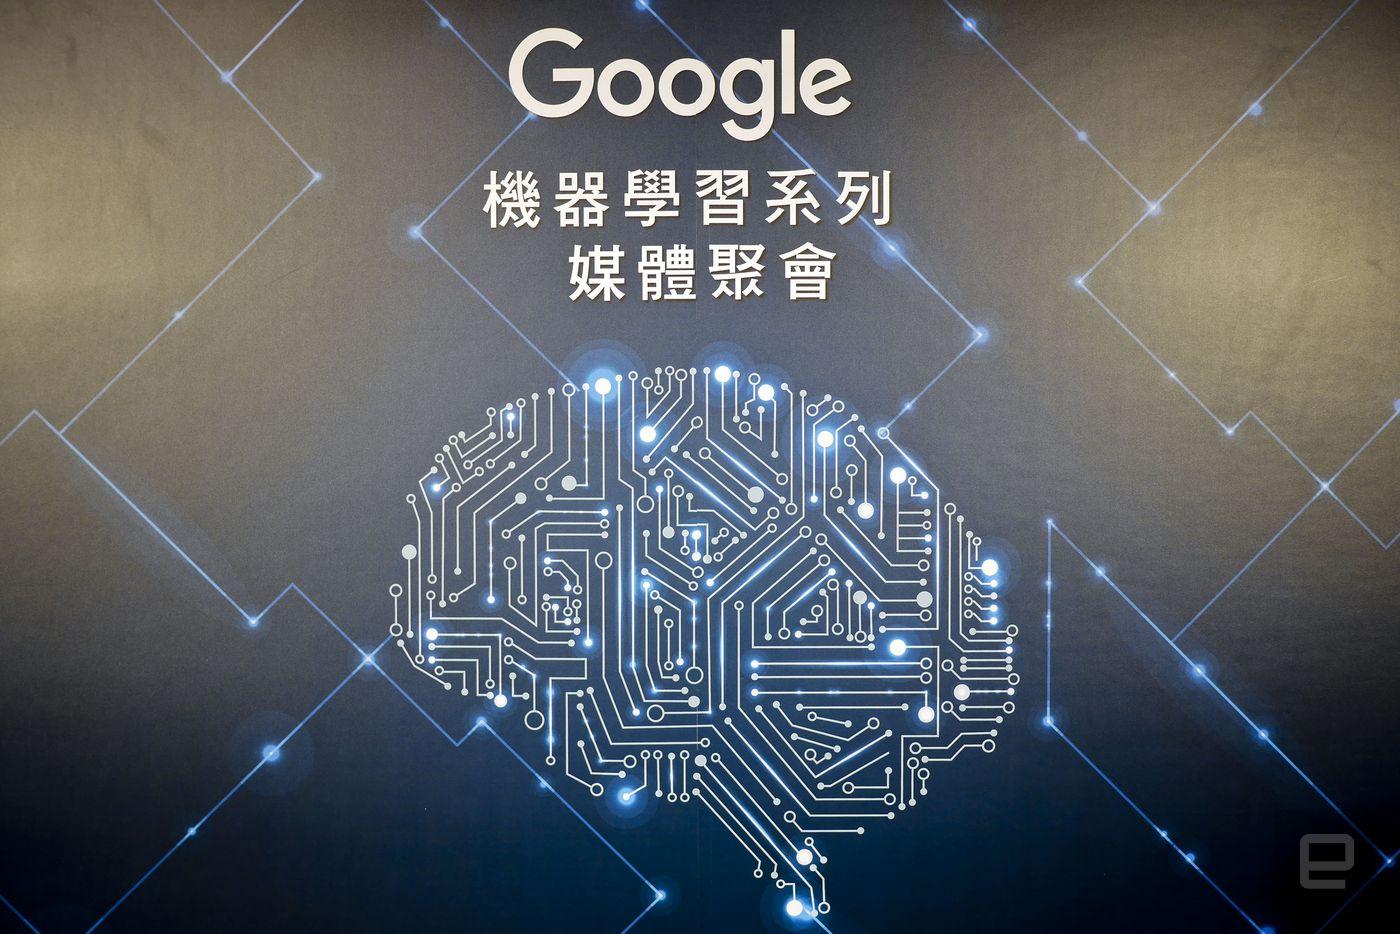 一起看看 Google 翻譯是如何透過機器學習變得更為強大